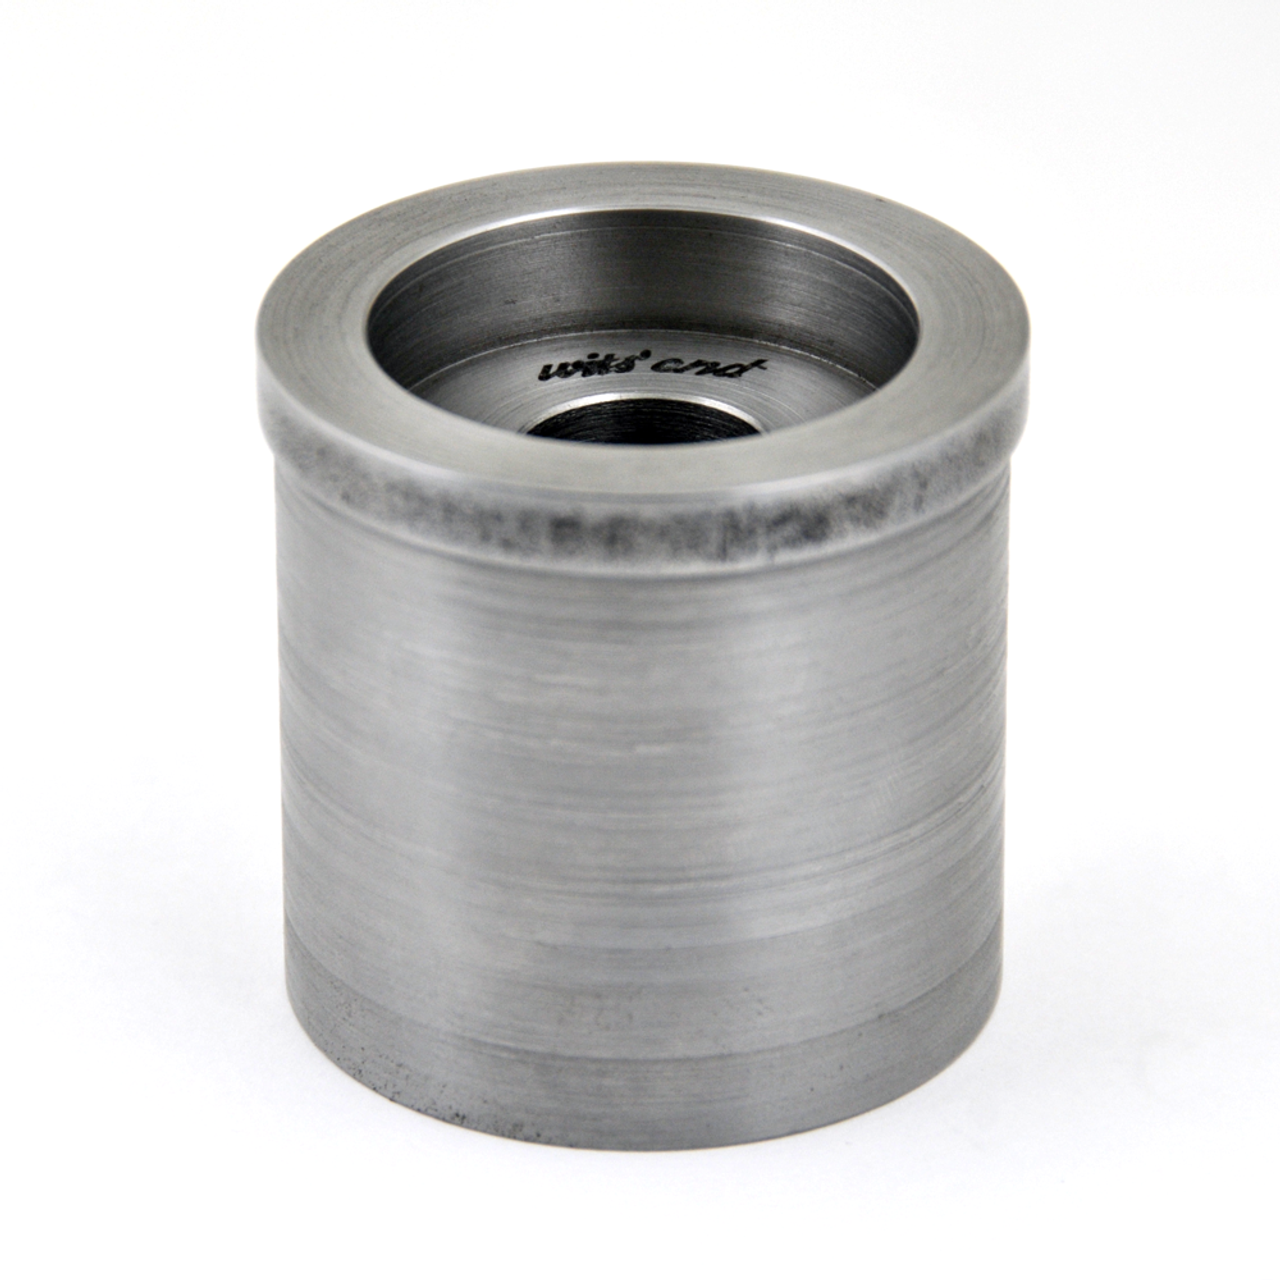 Bushing Press Tool- 53mm (BPT-53)